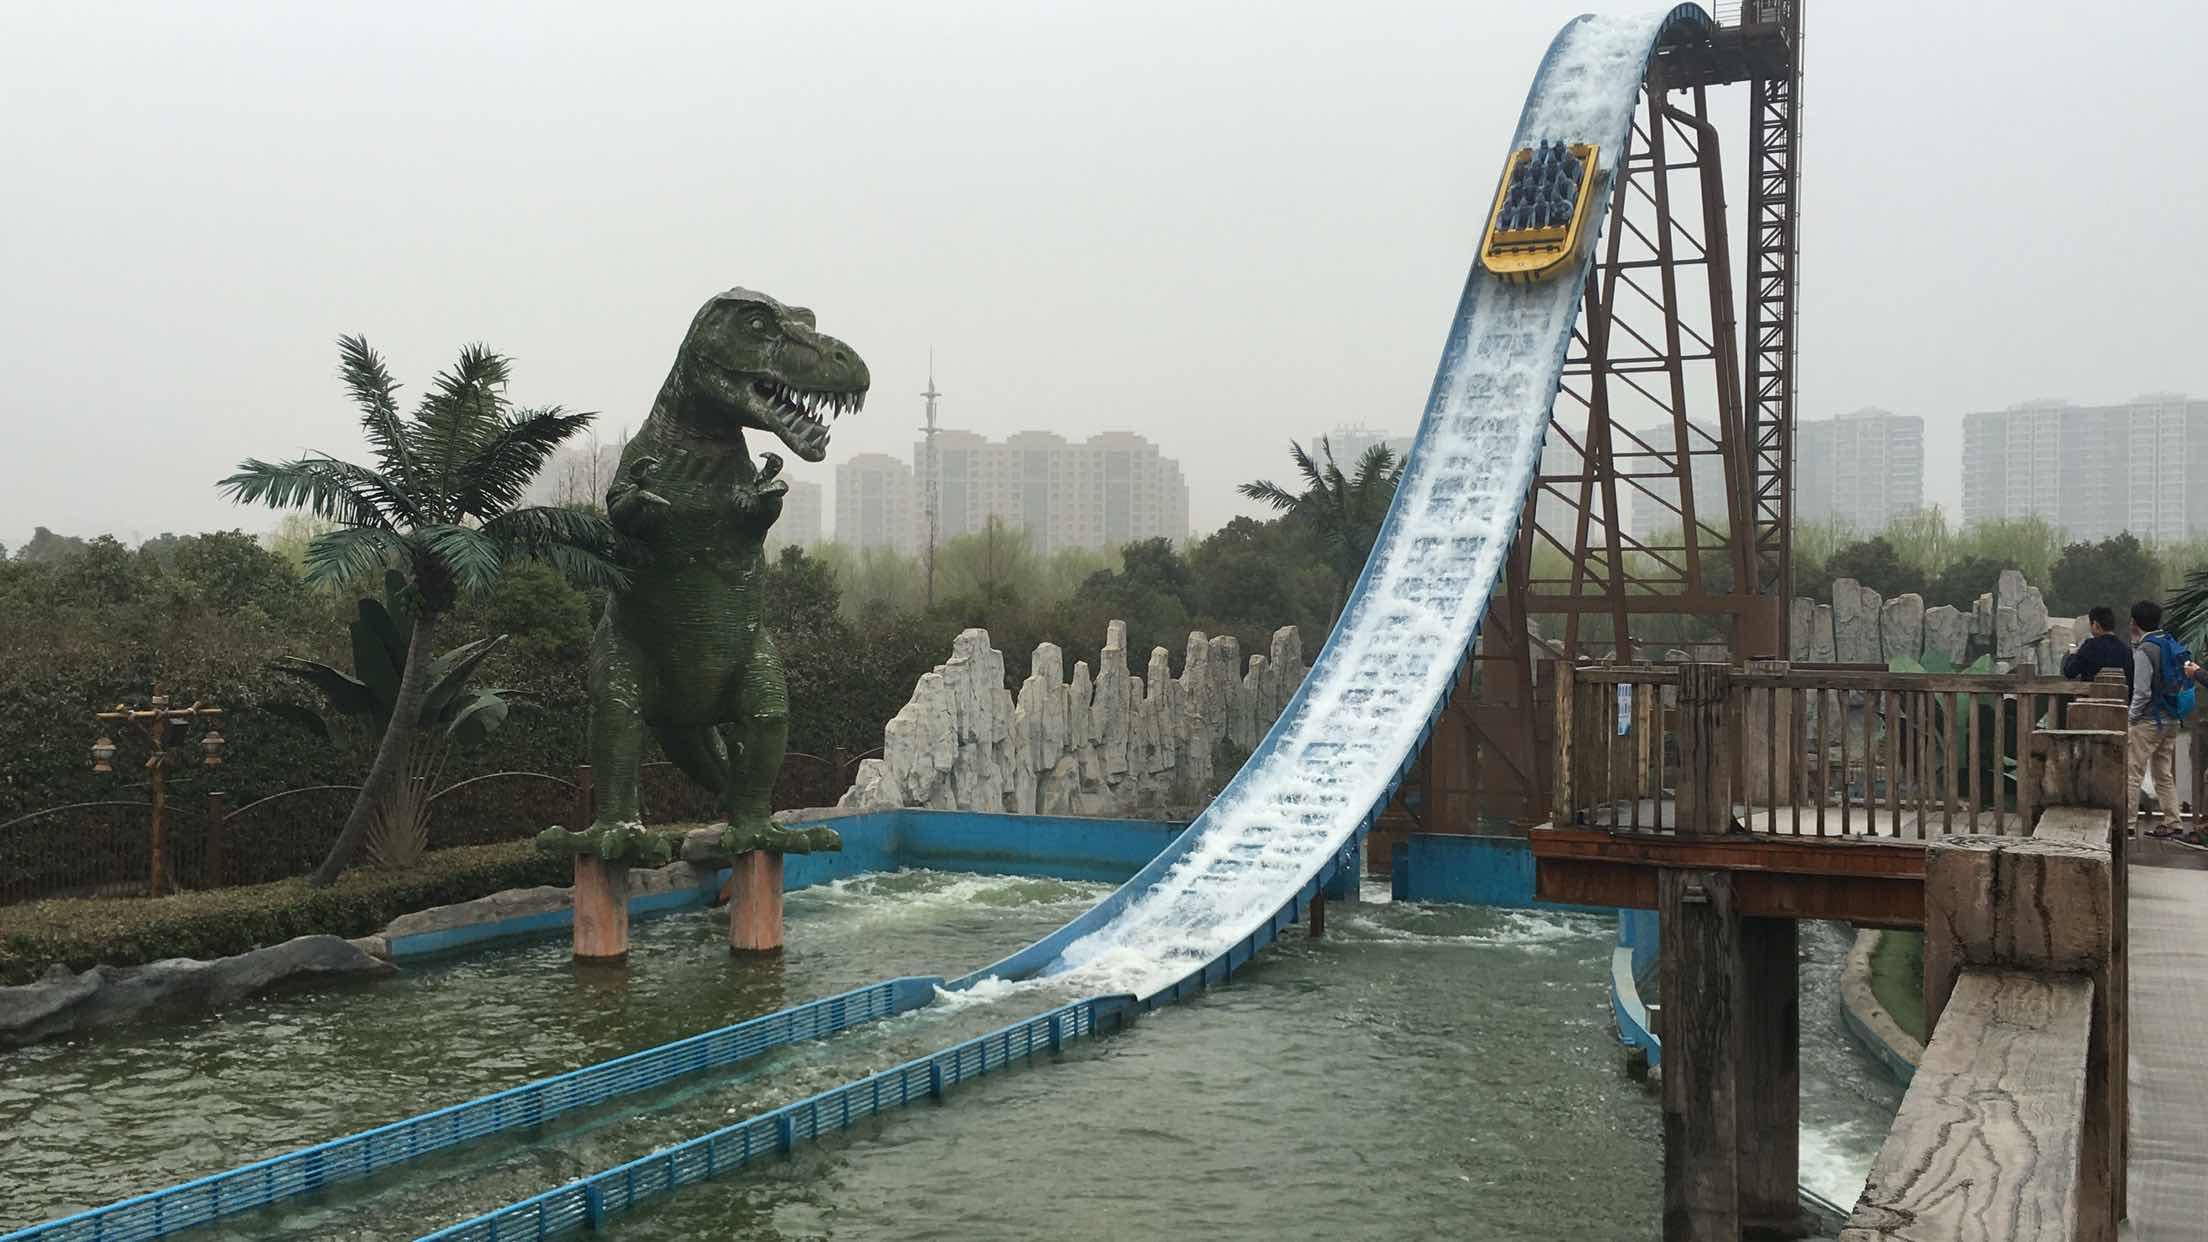 常州恐龙园 常州恐龙园 恐龙谷温泉 成人联票 常州恐龙园恐龙园的过